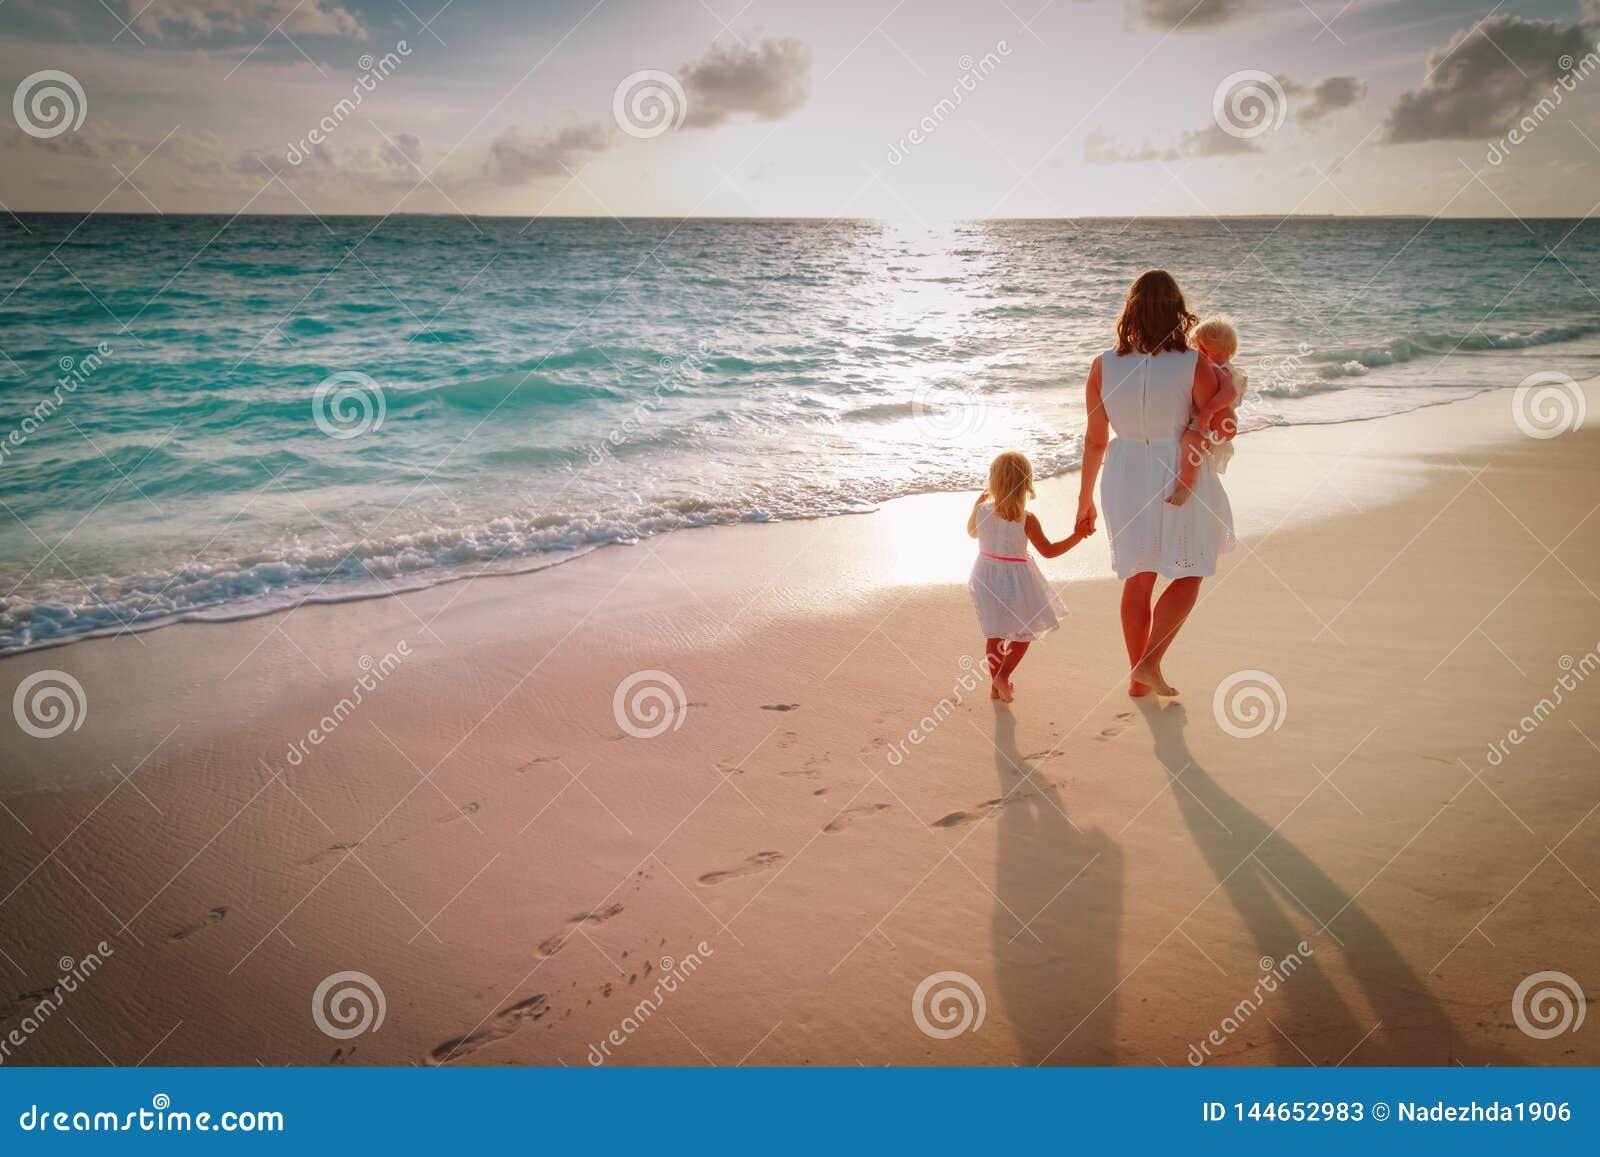 Modern med ungar går på sandstranden